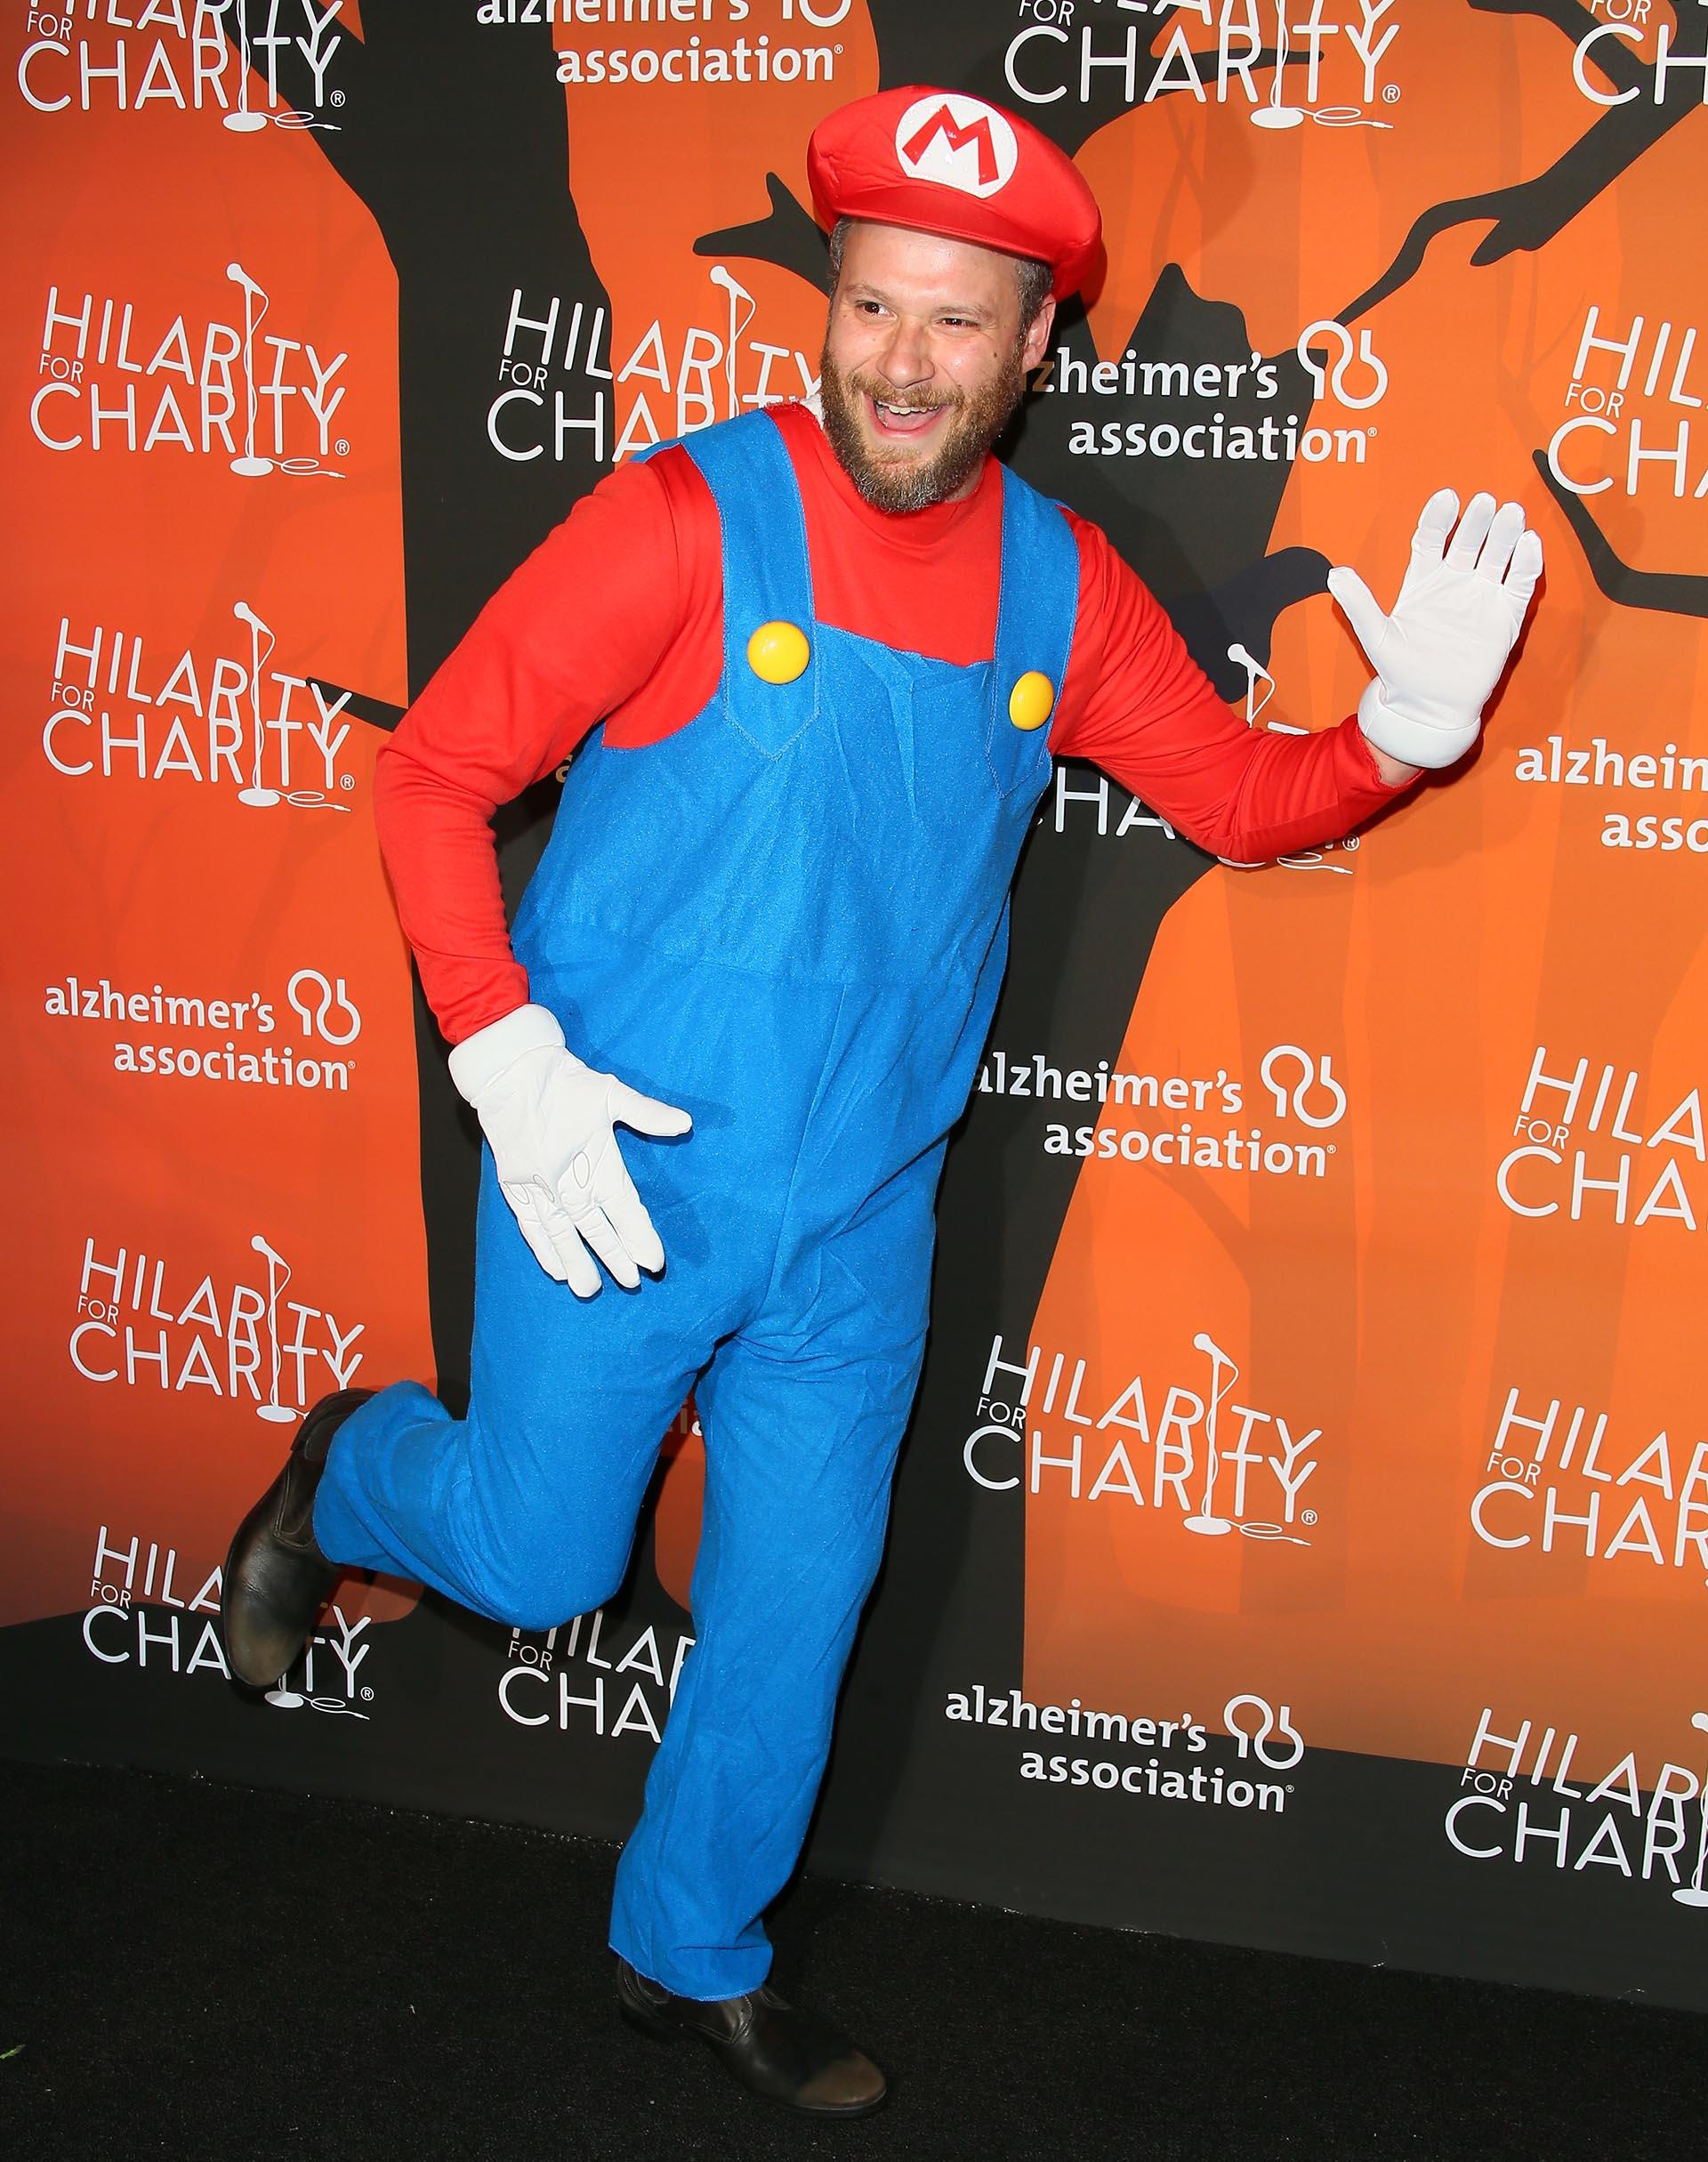 Seth Rogen se vistió de Mario Bros en el evento solidario del 31 de octubre. Posó para las cámaras